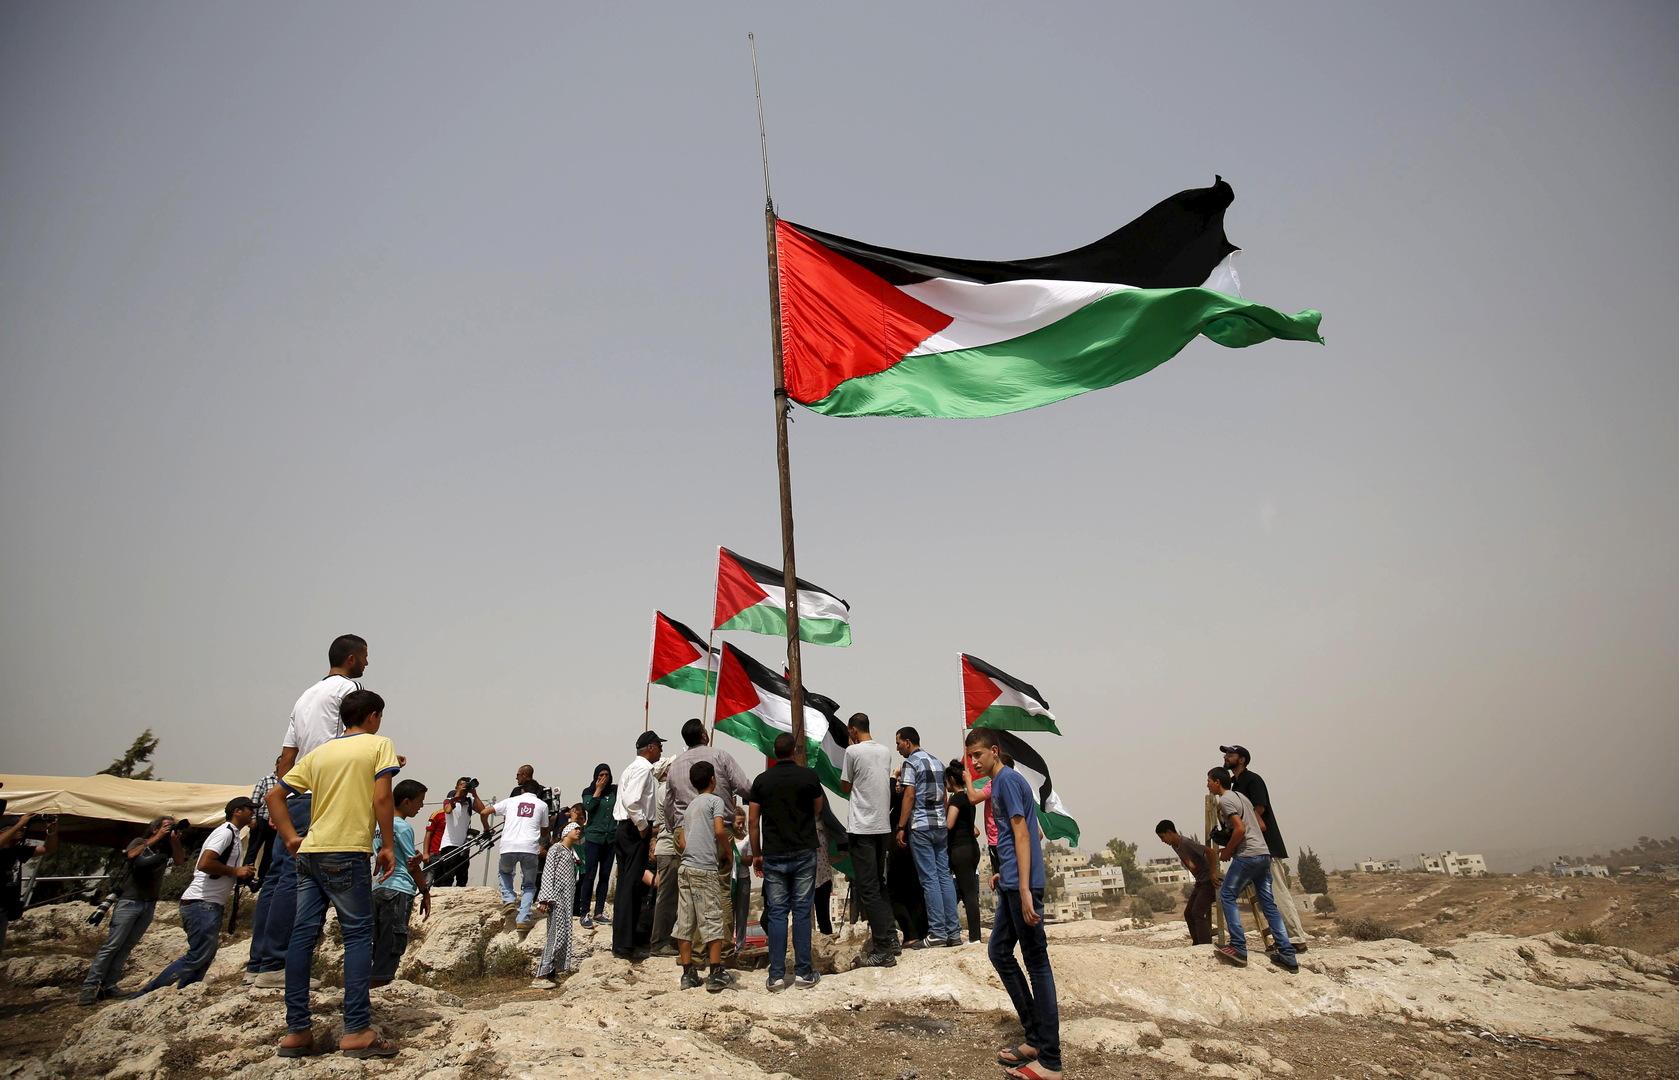 الفلسطينيون في أم الفحم يحتجون على تصاعد العنف والجريمة وهجمات الإسرائيليين على المتظاهرين